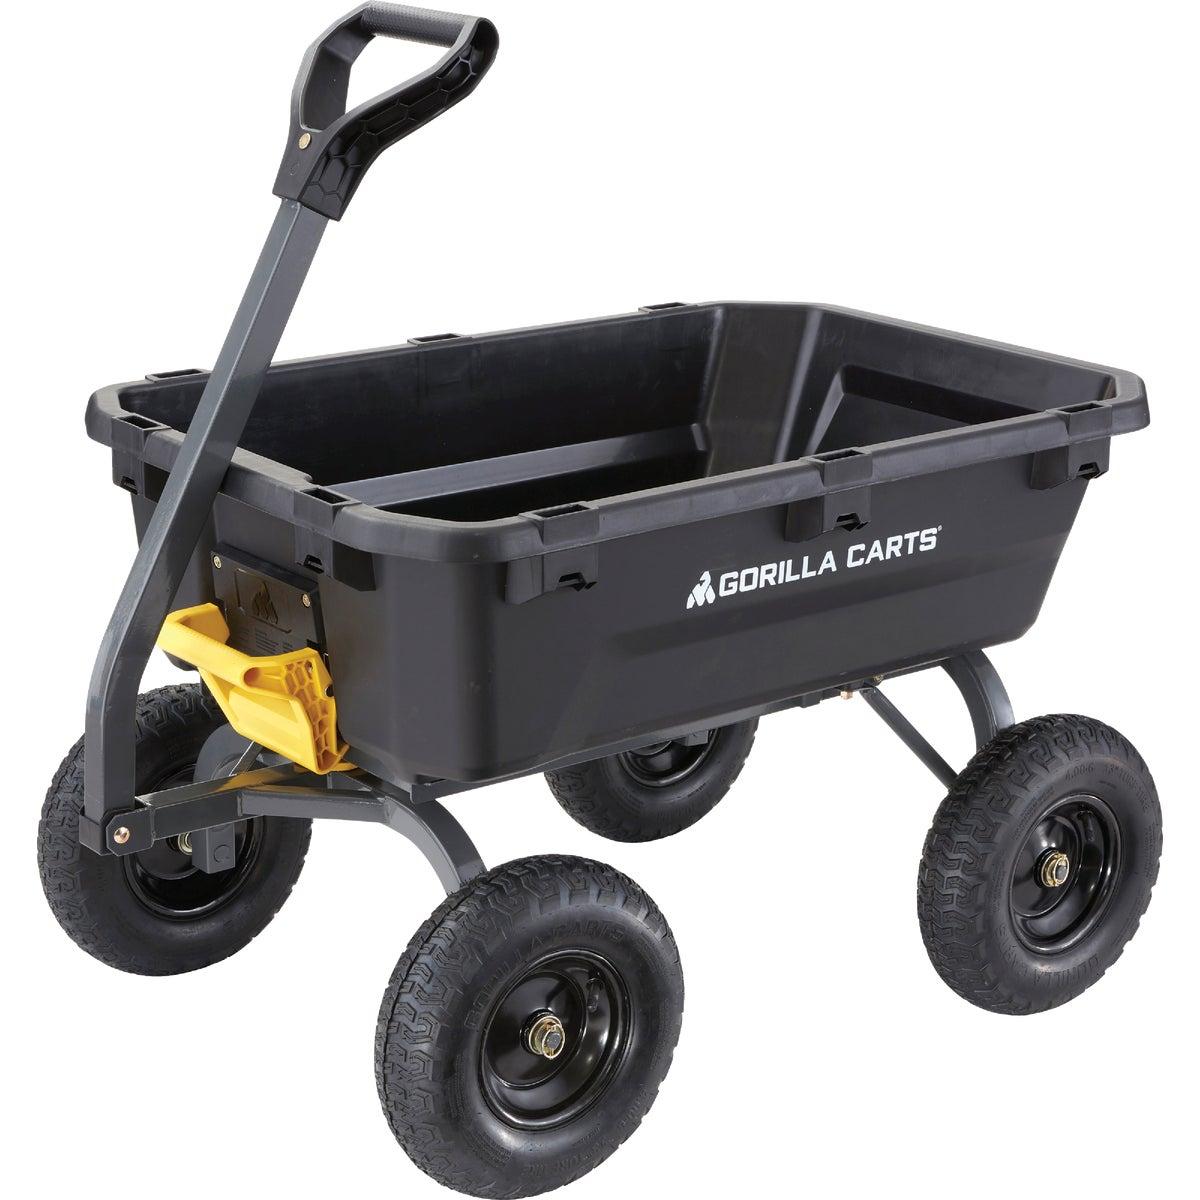 Gorilla Carts Poly Tow-Behind Garden Cart, GOR6PS